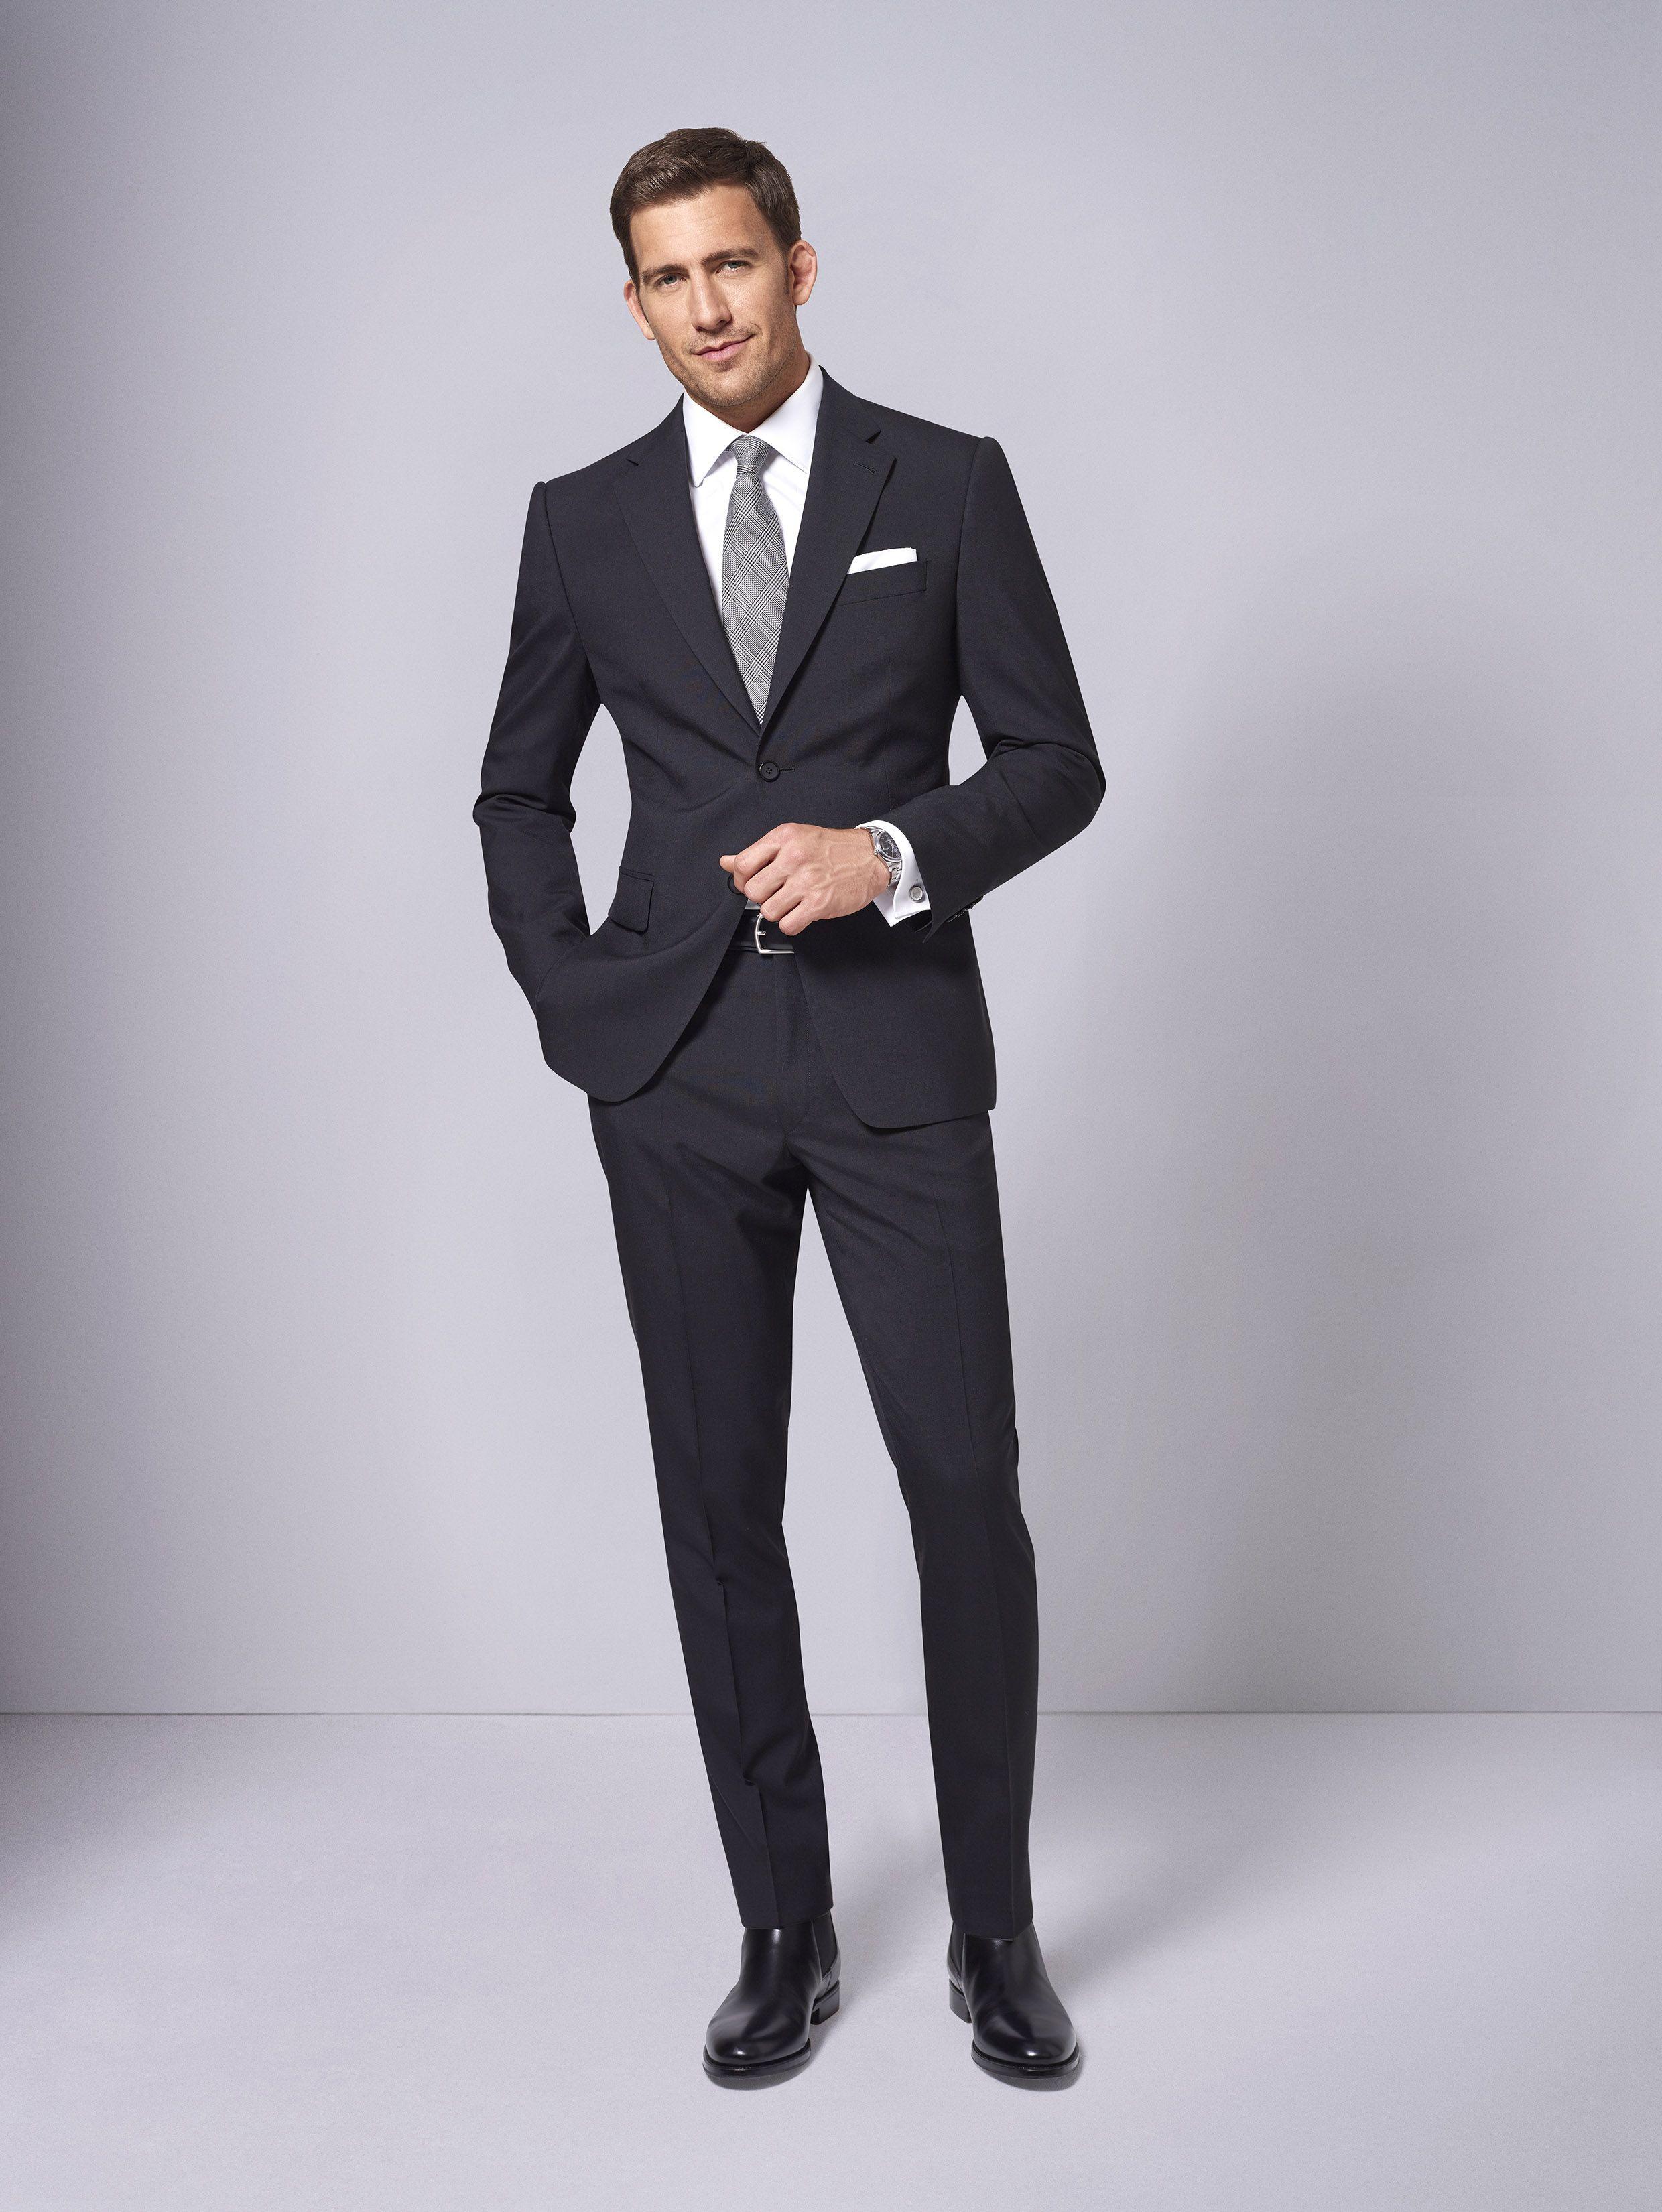 Men in Black. Ein Anzug nach Maß muss nicht unerschwinglich sein ...